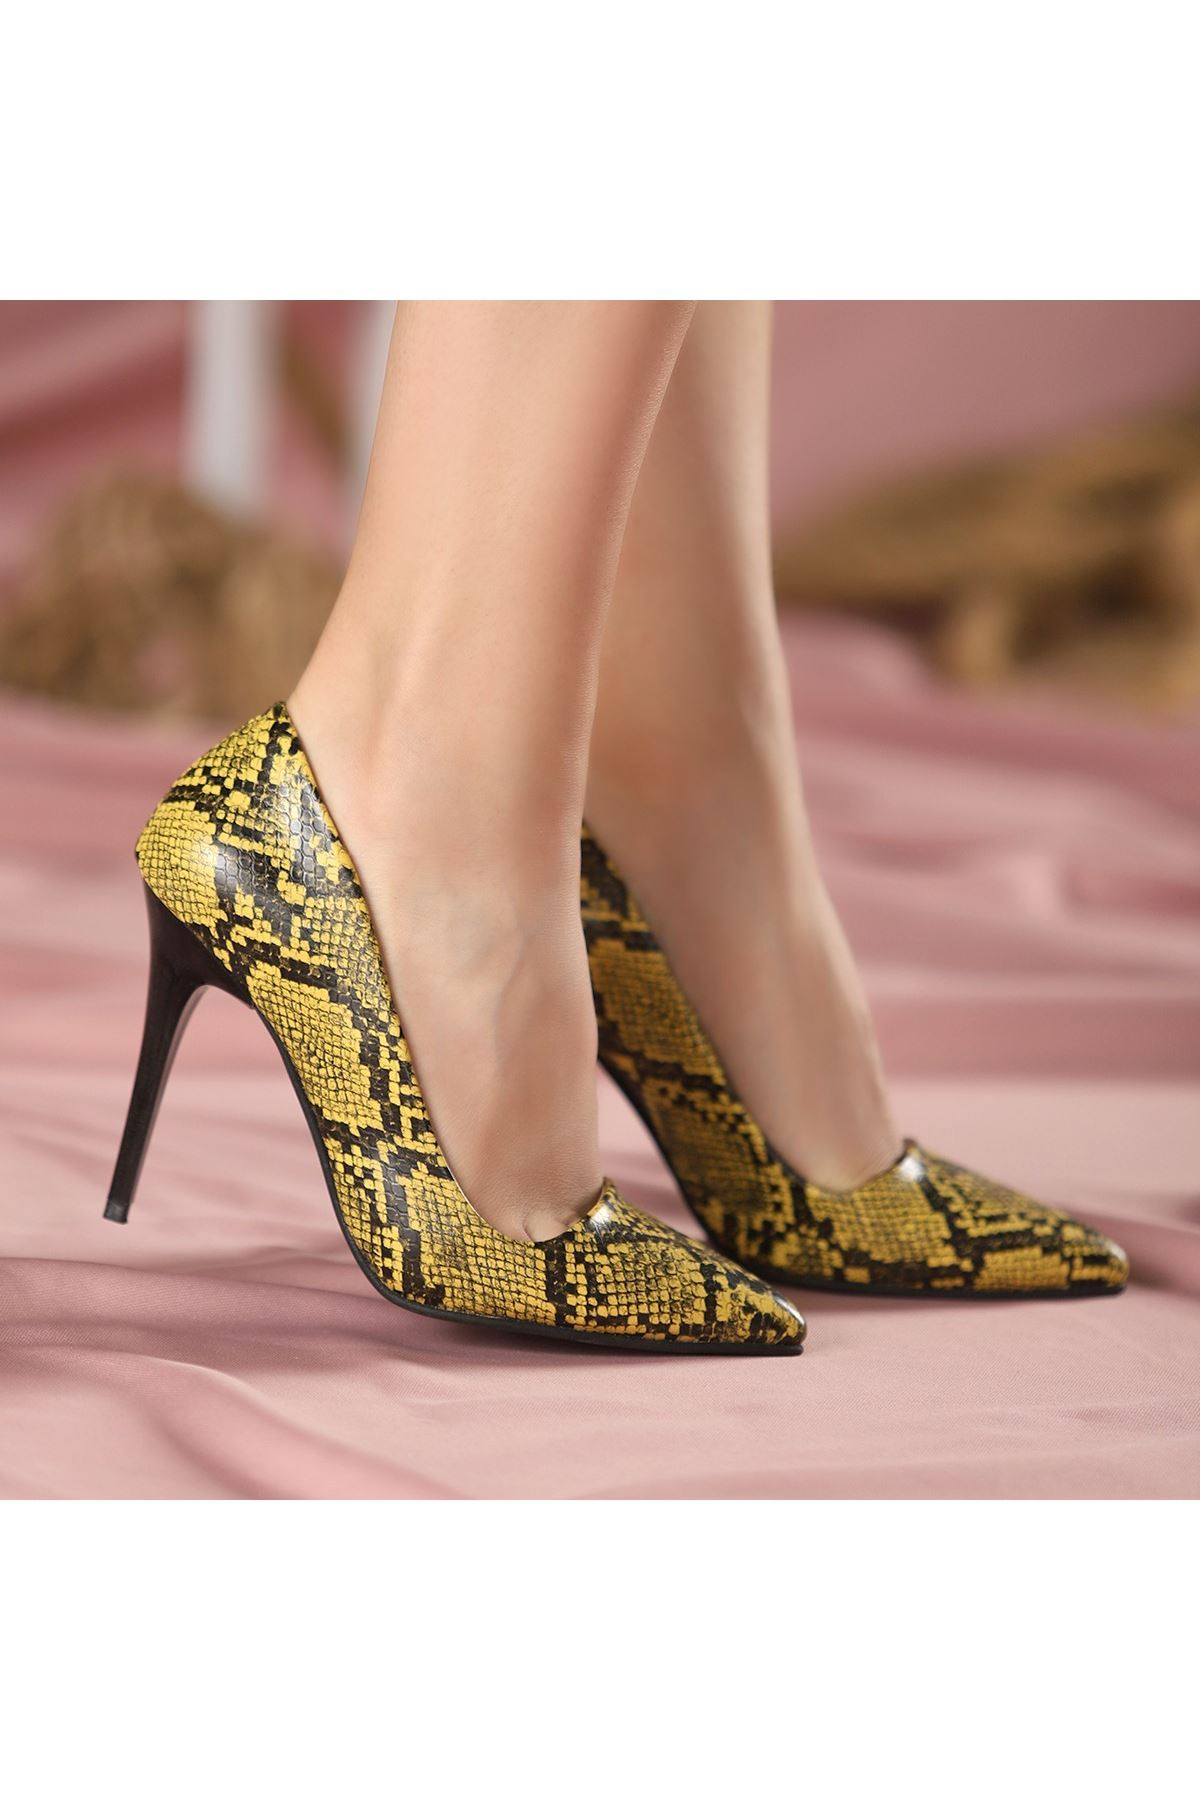 Reme Sarı Cilt Yılan Detaylı Stiletto Ayakkabı